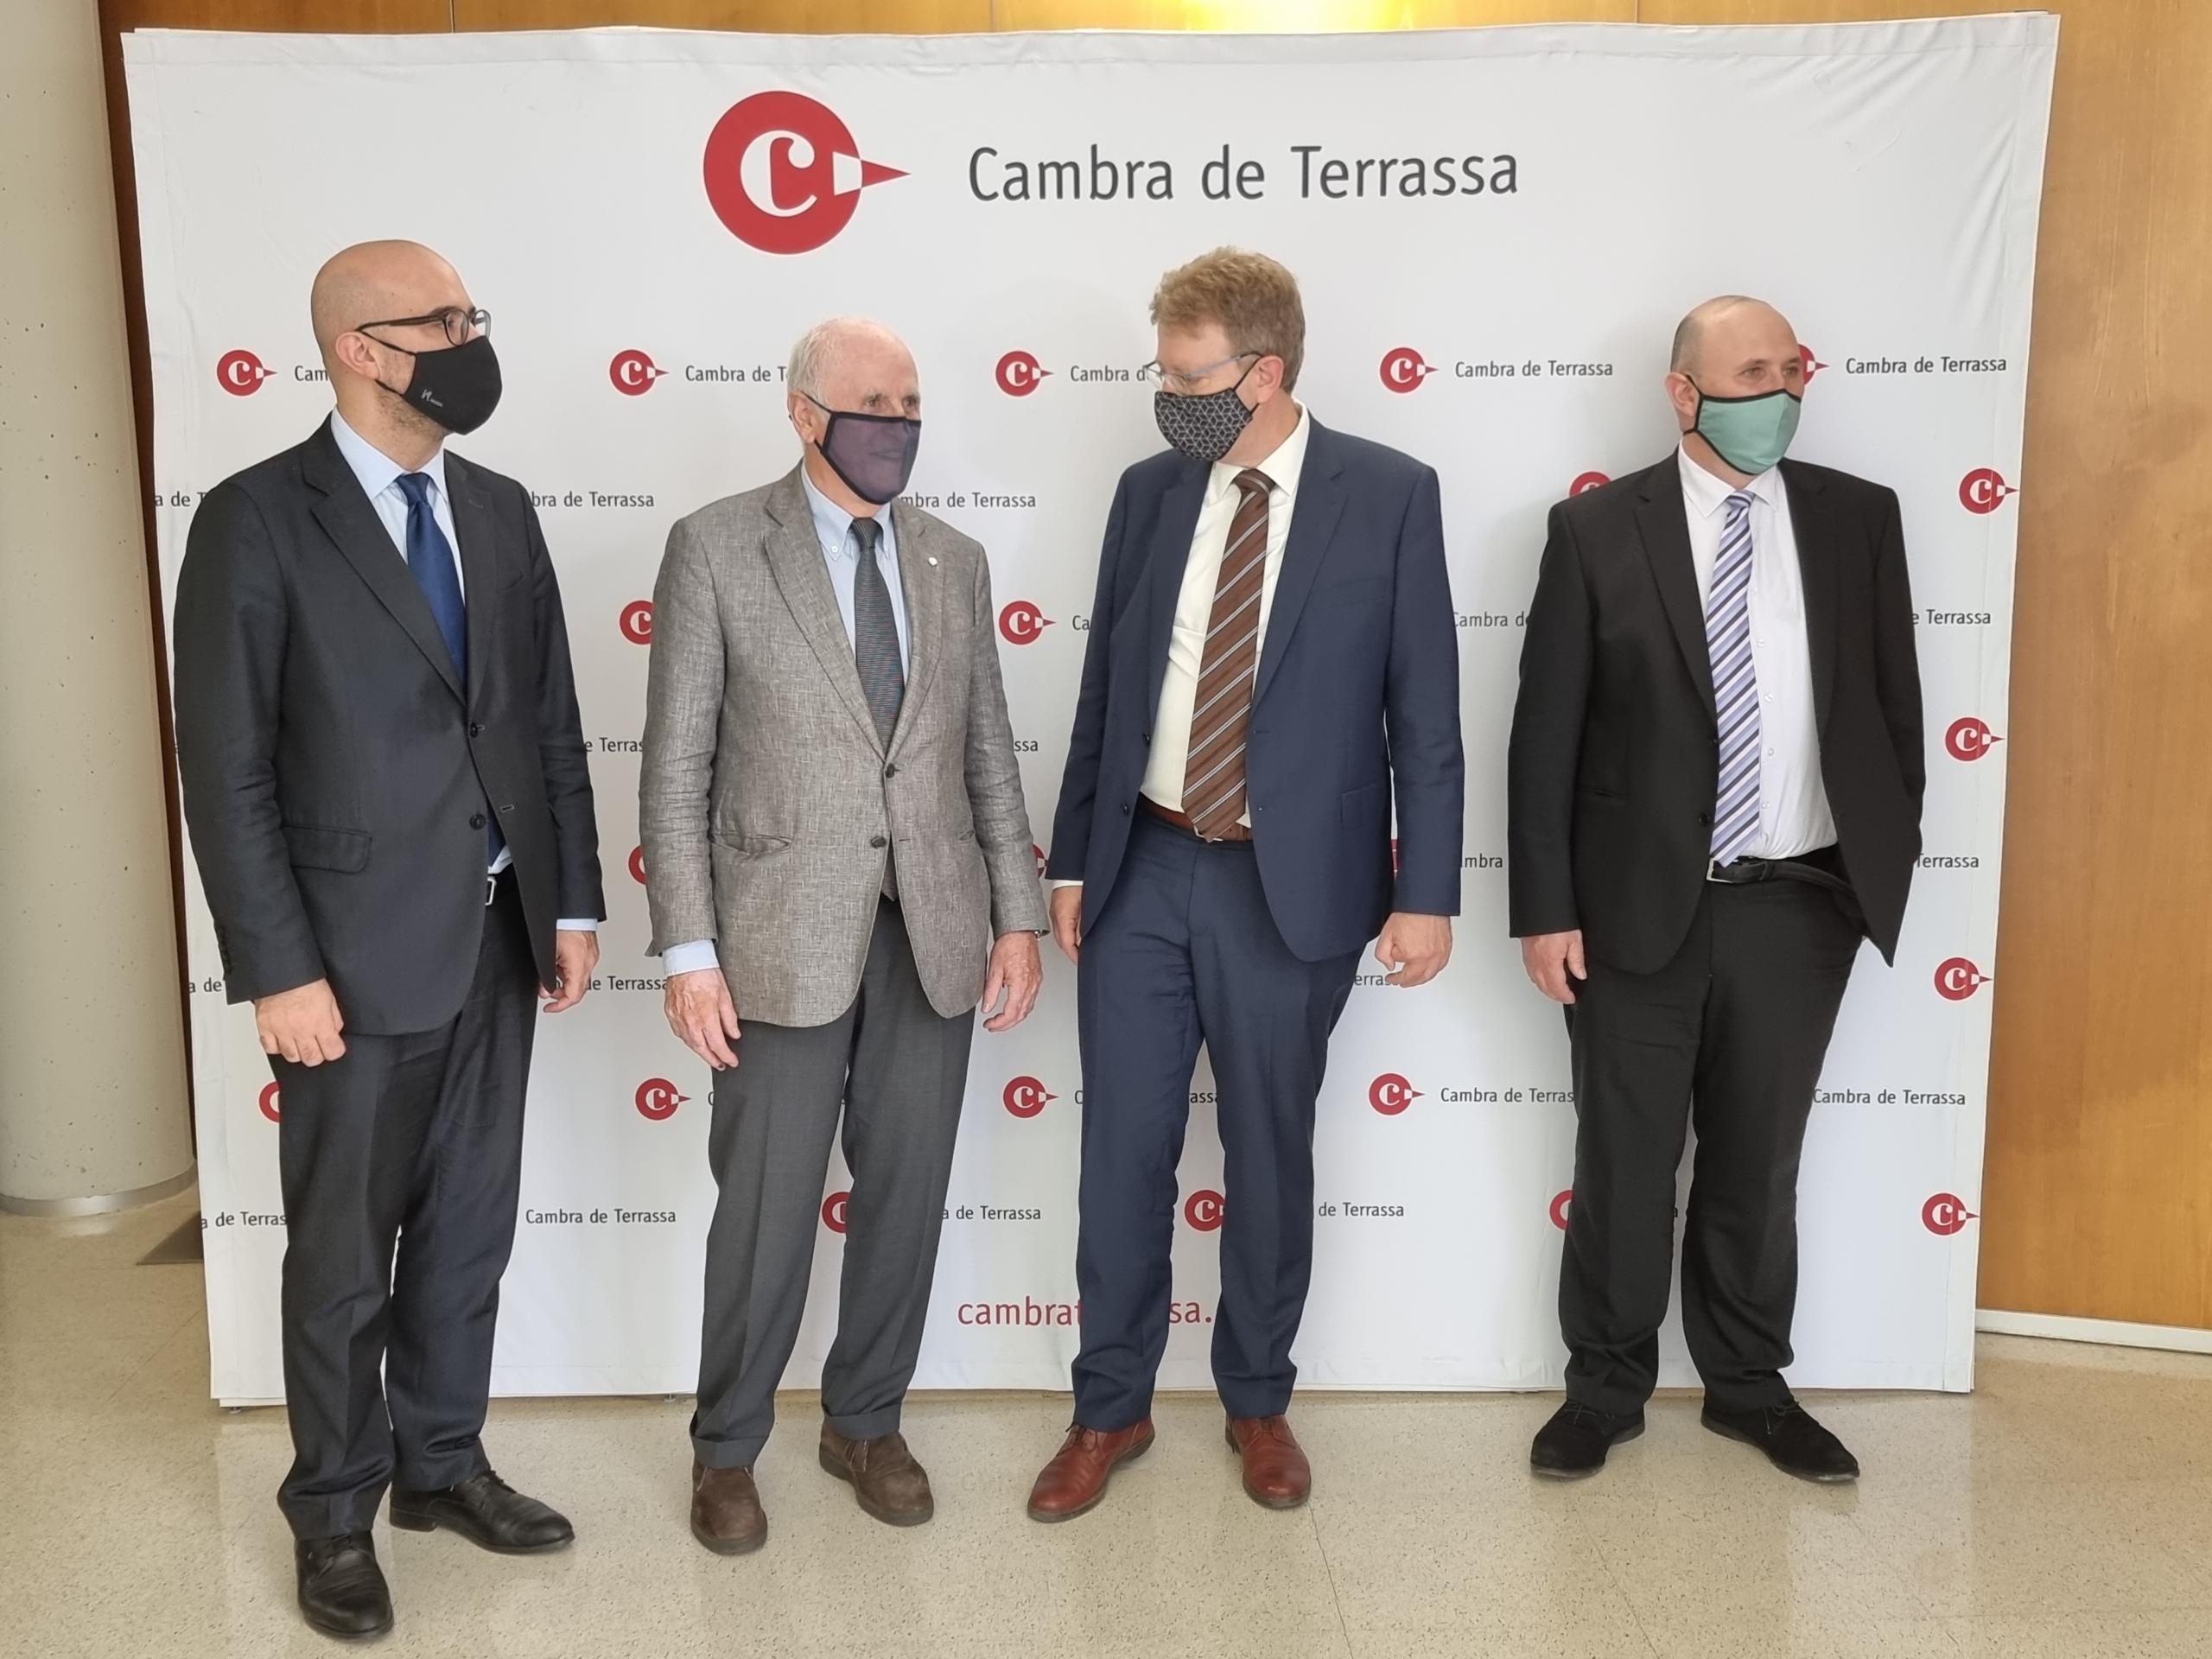 D'esquerra a dreta: Genís Boadella, Ramon Talamàs, Ferran Bel i Mateu Comalrena de Sobregrau | Cambra de Terrassa